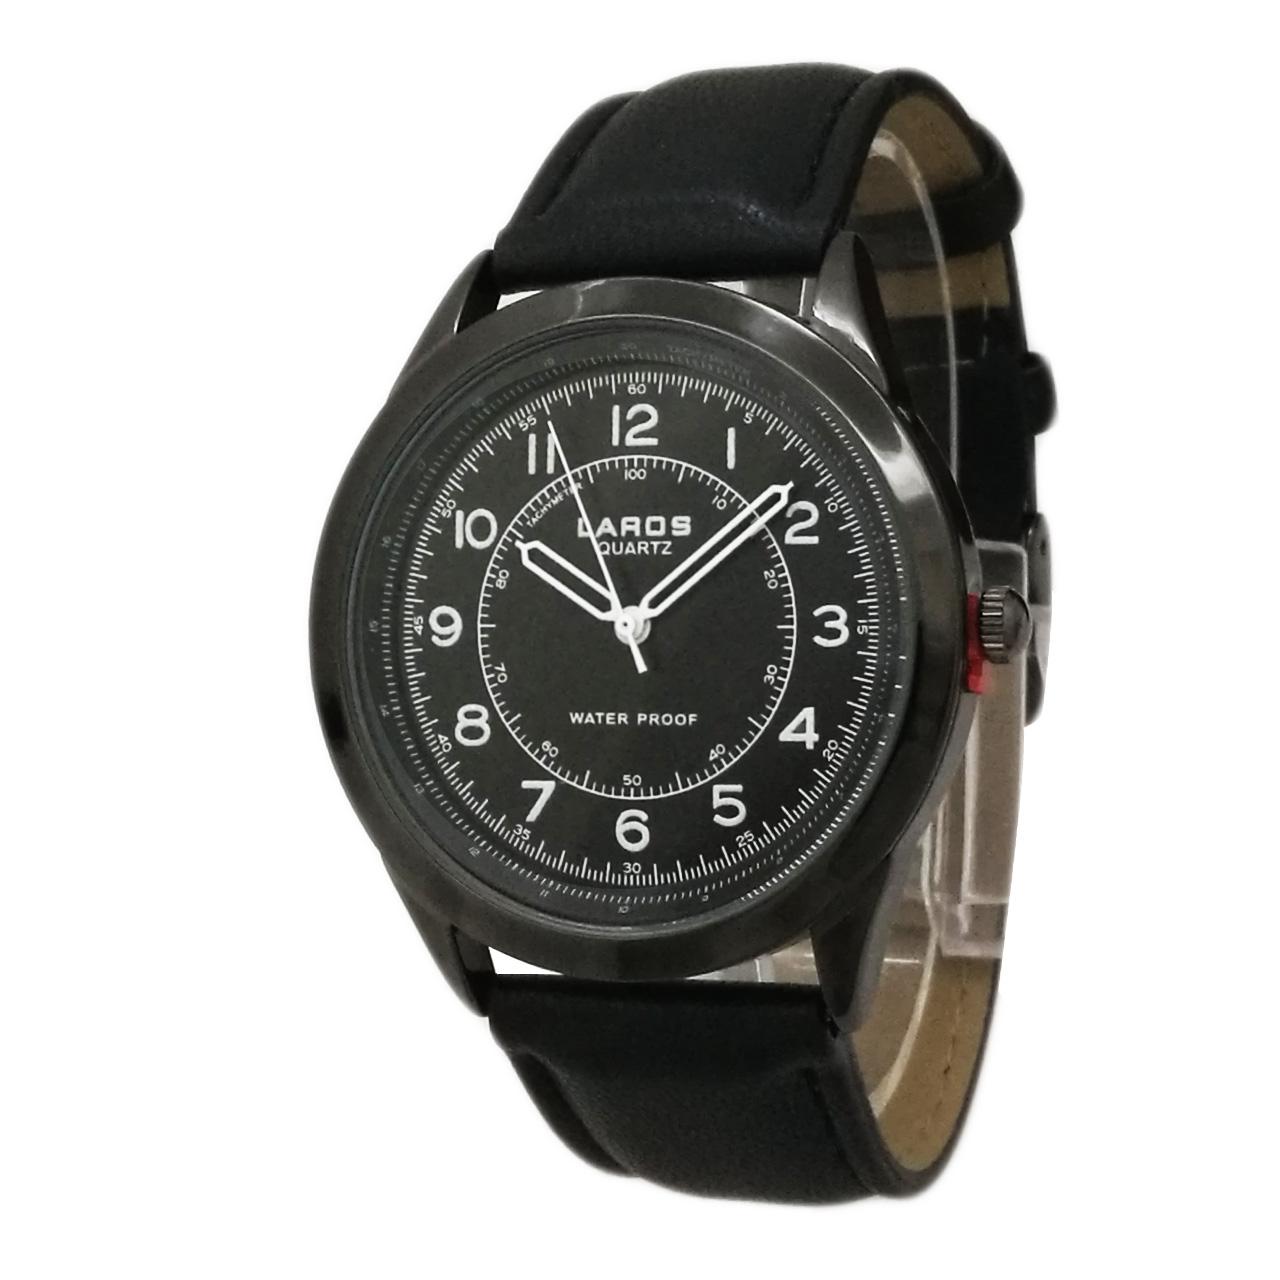 ساعت مچی عقربه ای مردانه لاروس مدل0817-80047-s به همراه دستمال مخصوص برند کلین واچ 43